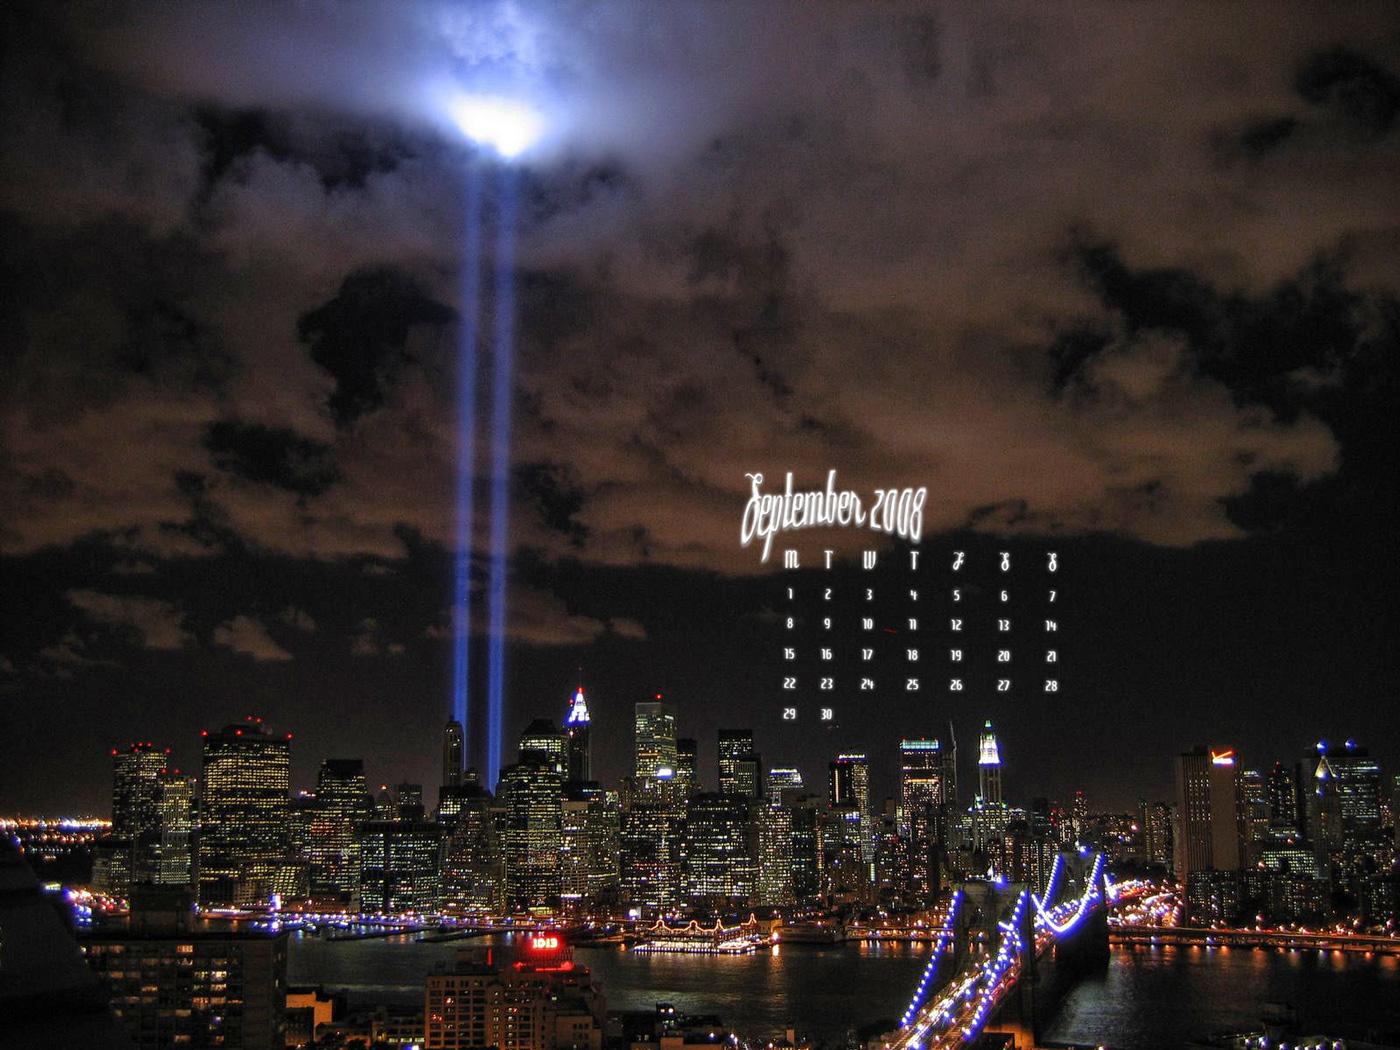 September 11 2001 Wallpaper September 11th tribute 1400x1050